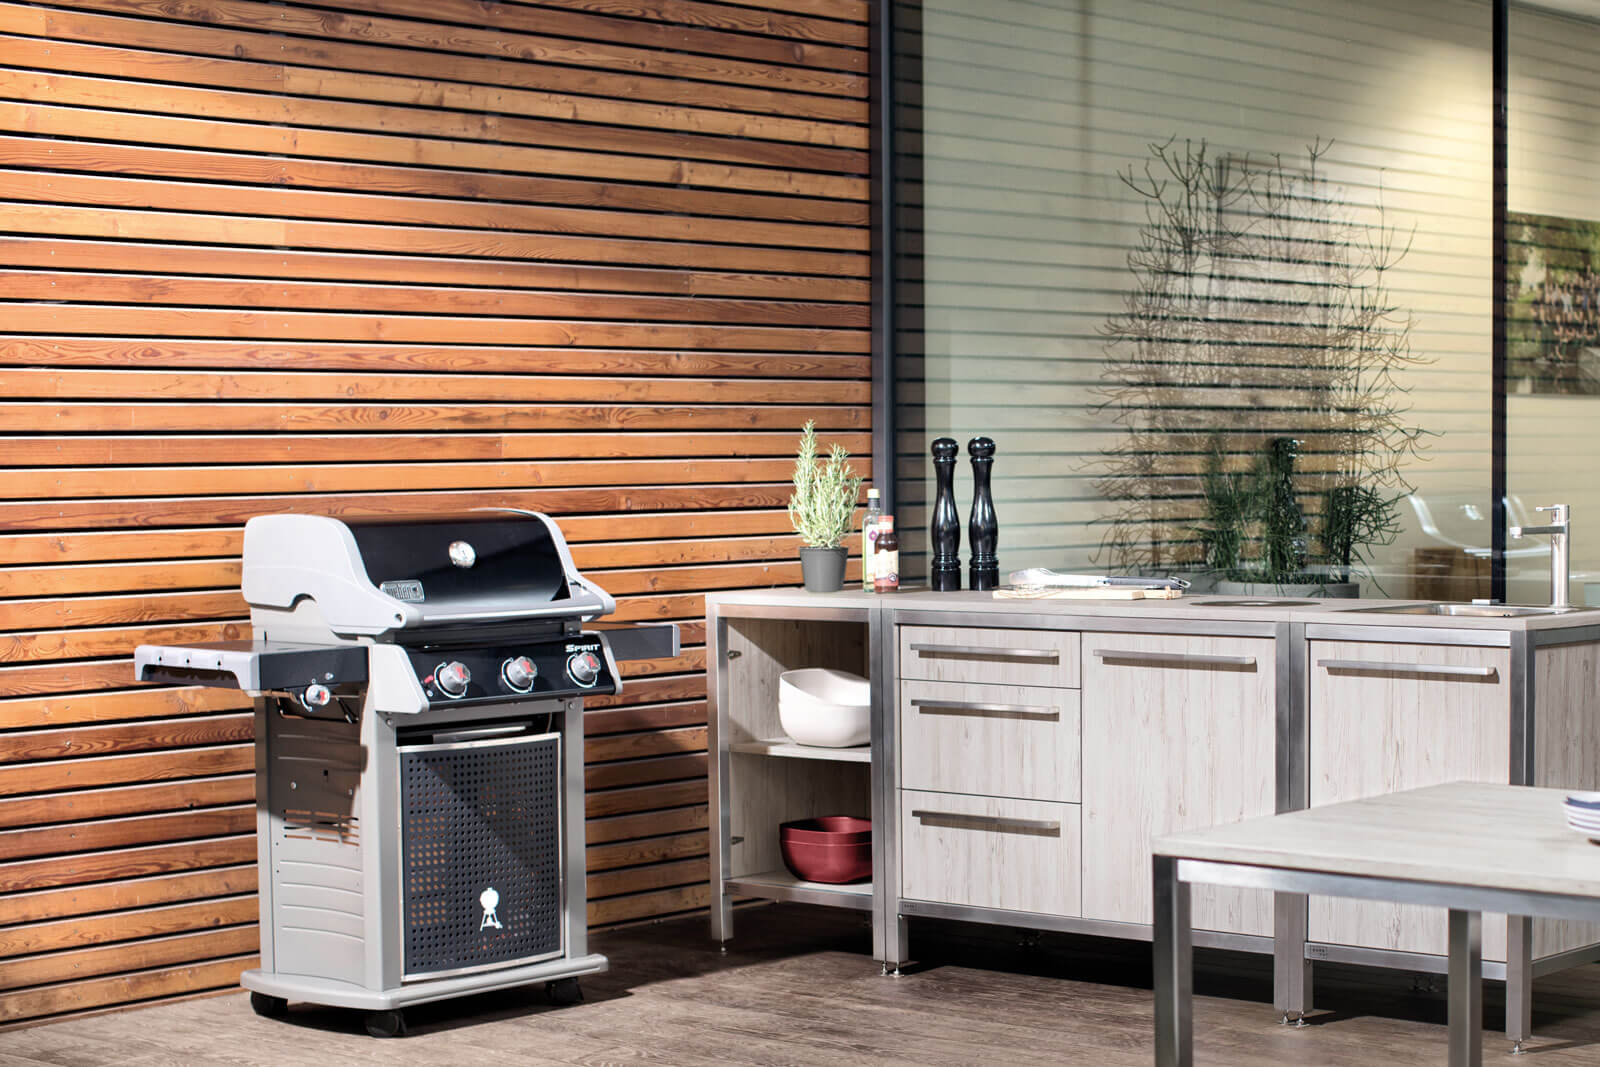 Burnout Outdoor Küchen Modul Griffstangen Küchenspüle